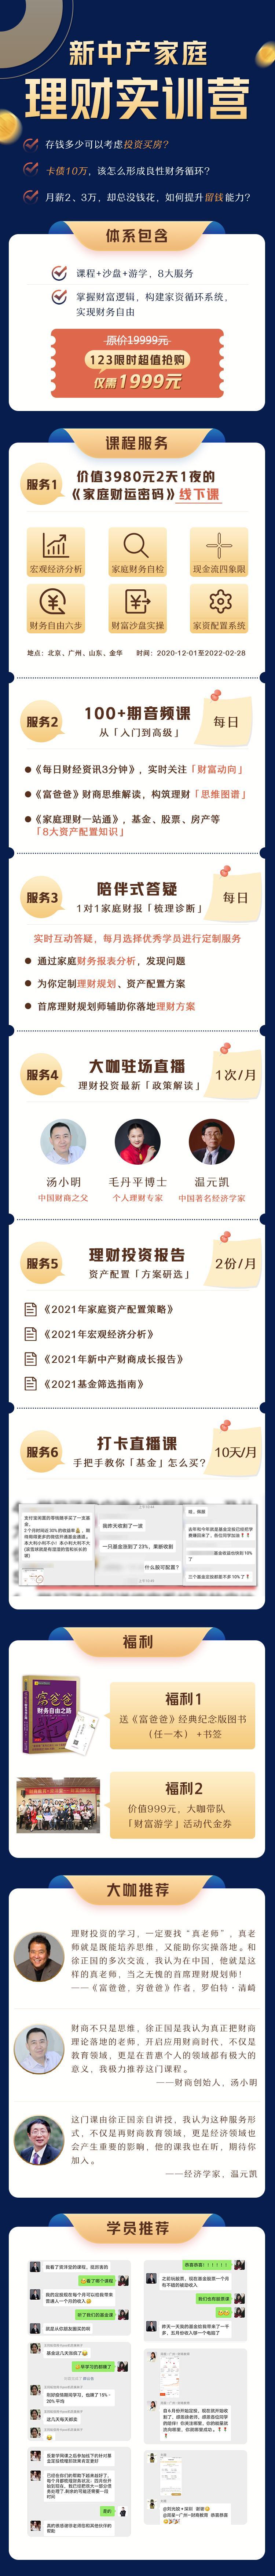 怎样优惠购买徐正国新中产家庭理财实训营课程